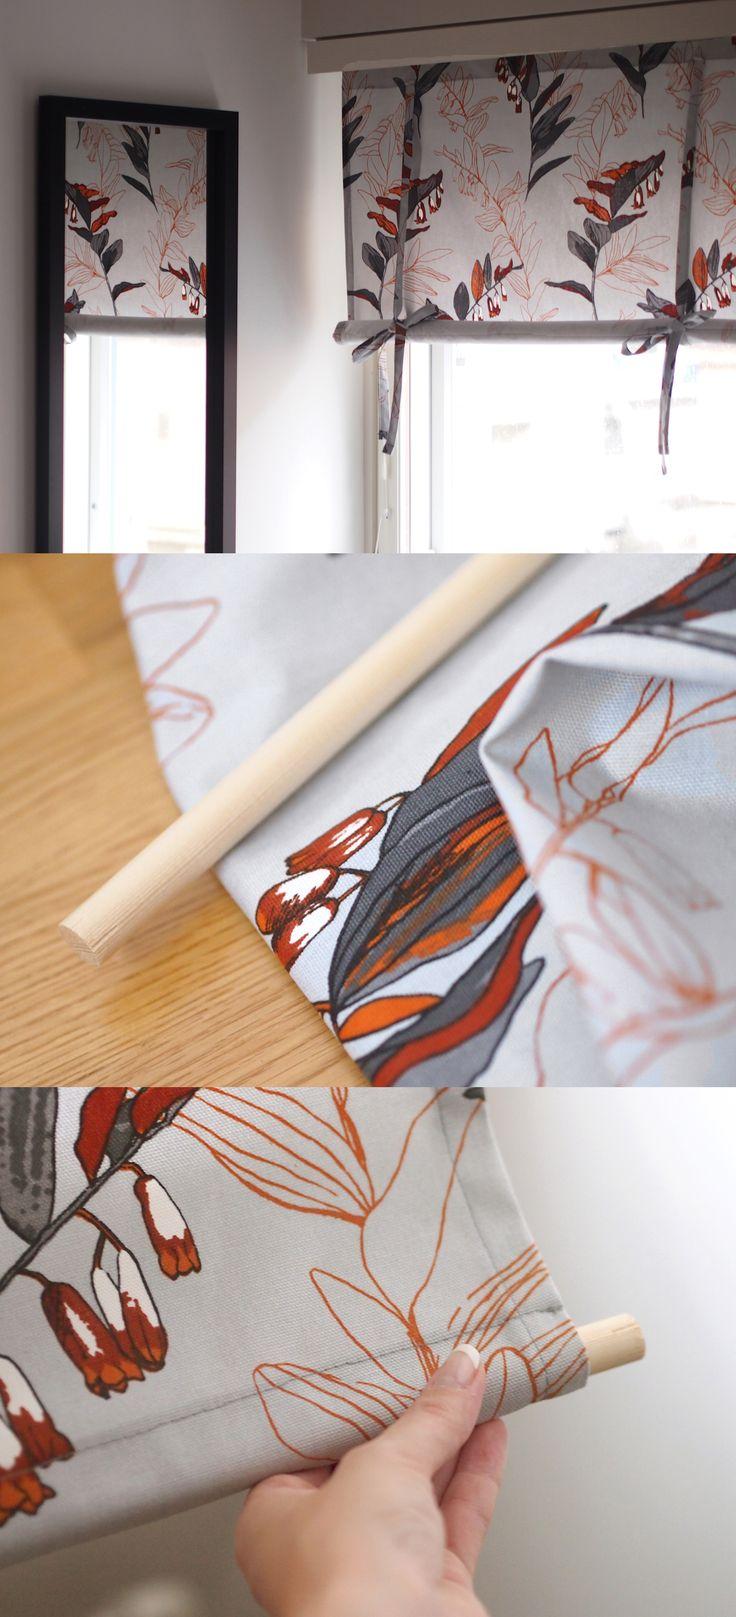 DIY Rullakappa / Roll up curtain // Rullakappa on näyttävä mutta helppo verhoratkaisu ja se onnistuu kätevästi myös itse. Tarvitset sopivan palan kangasta sekä tukipuun, esimerkiksi puuriman rautakaupasta. Ompele verho ikkunan korkuiseksi, tee alareunaan kuja rimalle ja lisää solmintanauhat yläreunaan. Kuvassa kuosina Kangastuksen oranssi Kalliokielo.